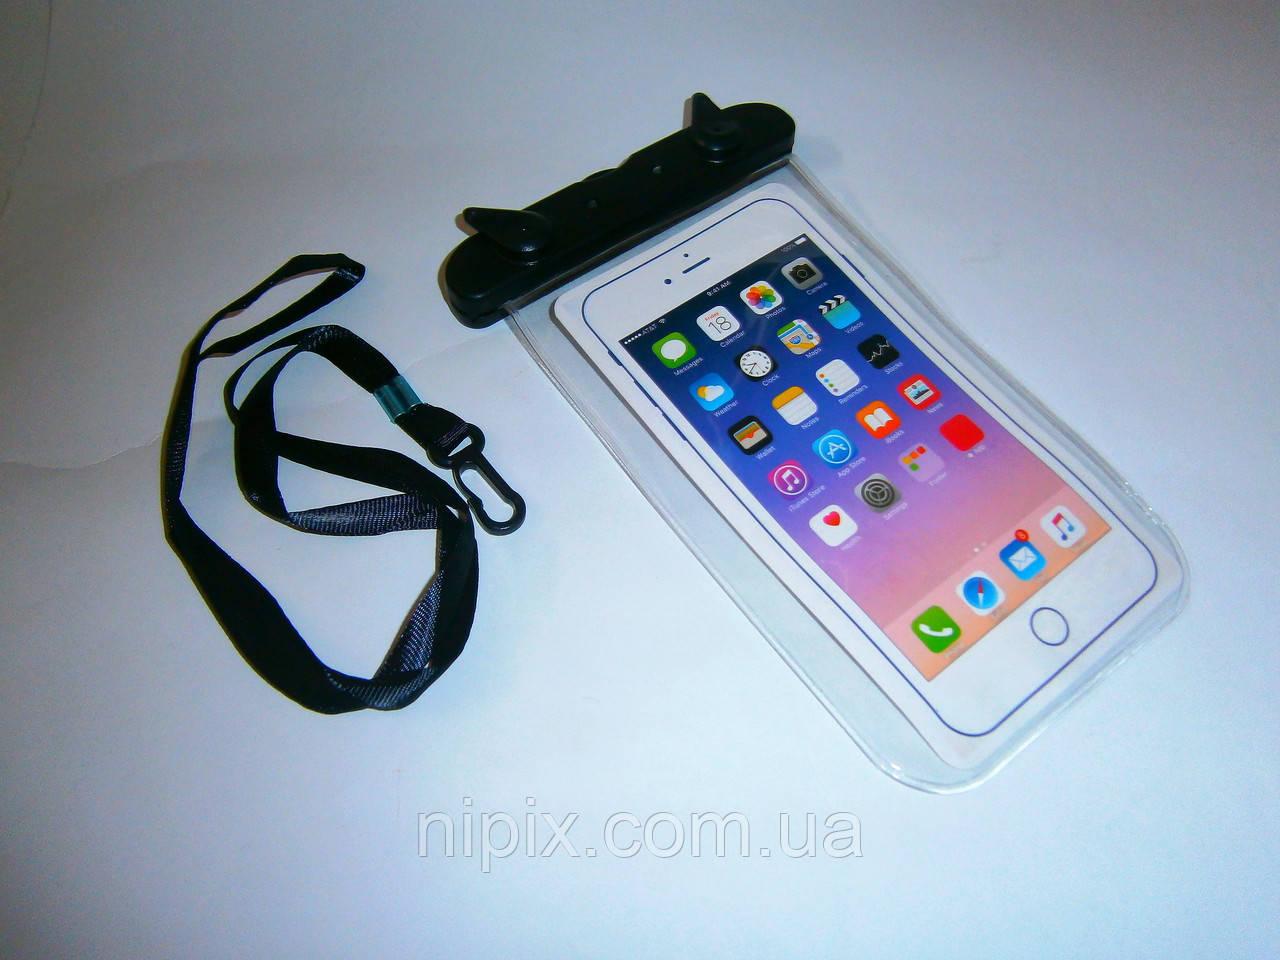 Водонепроницаемый чехол для мобильного телефона